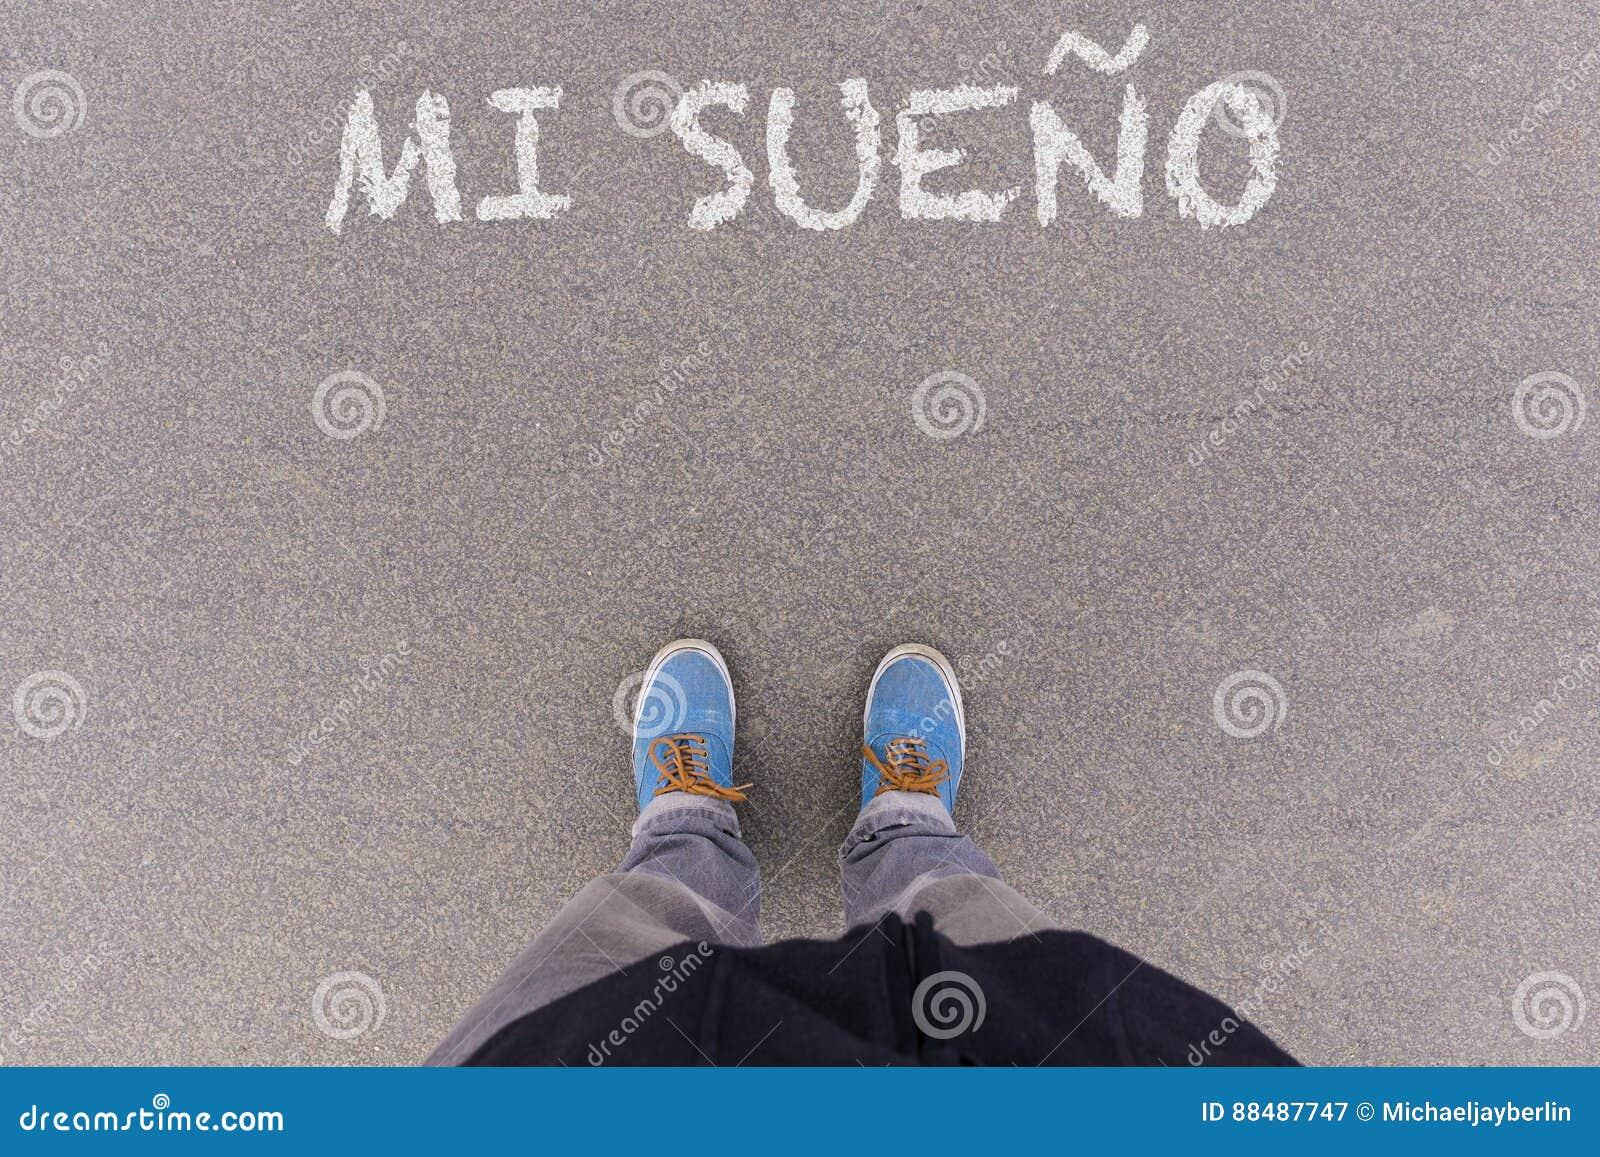 Mi sueno, ισπανικό κείμενο για το κείμενο ονείρου μου στο έδαφος ασφάλτου, πόδια